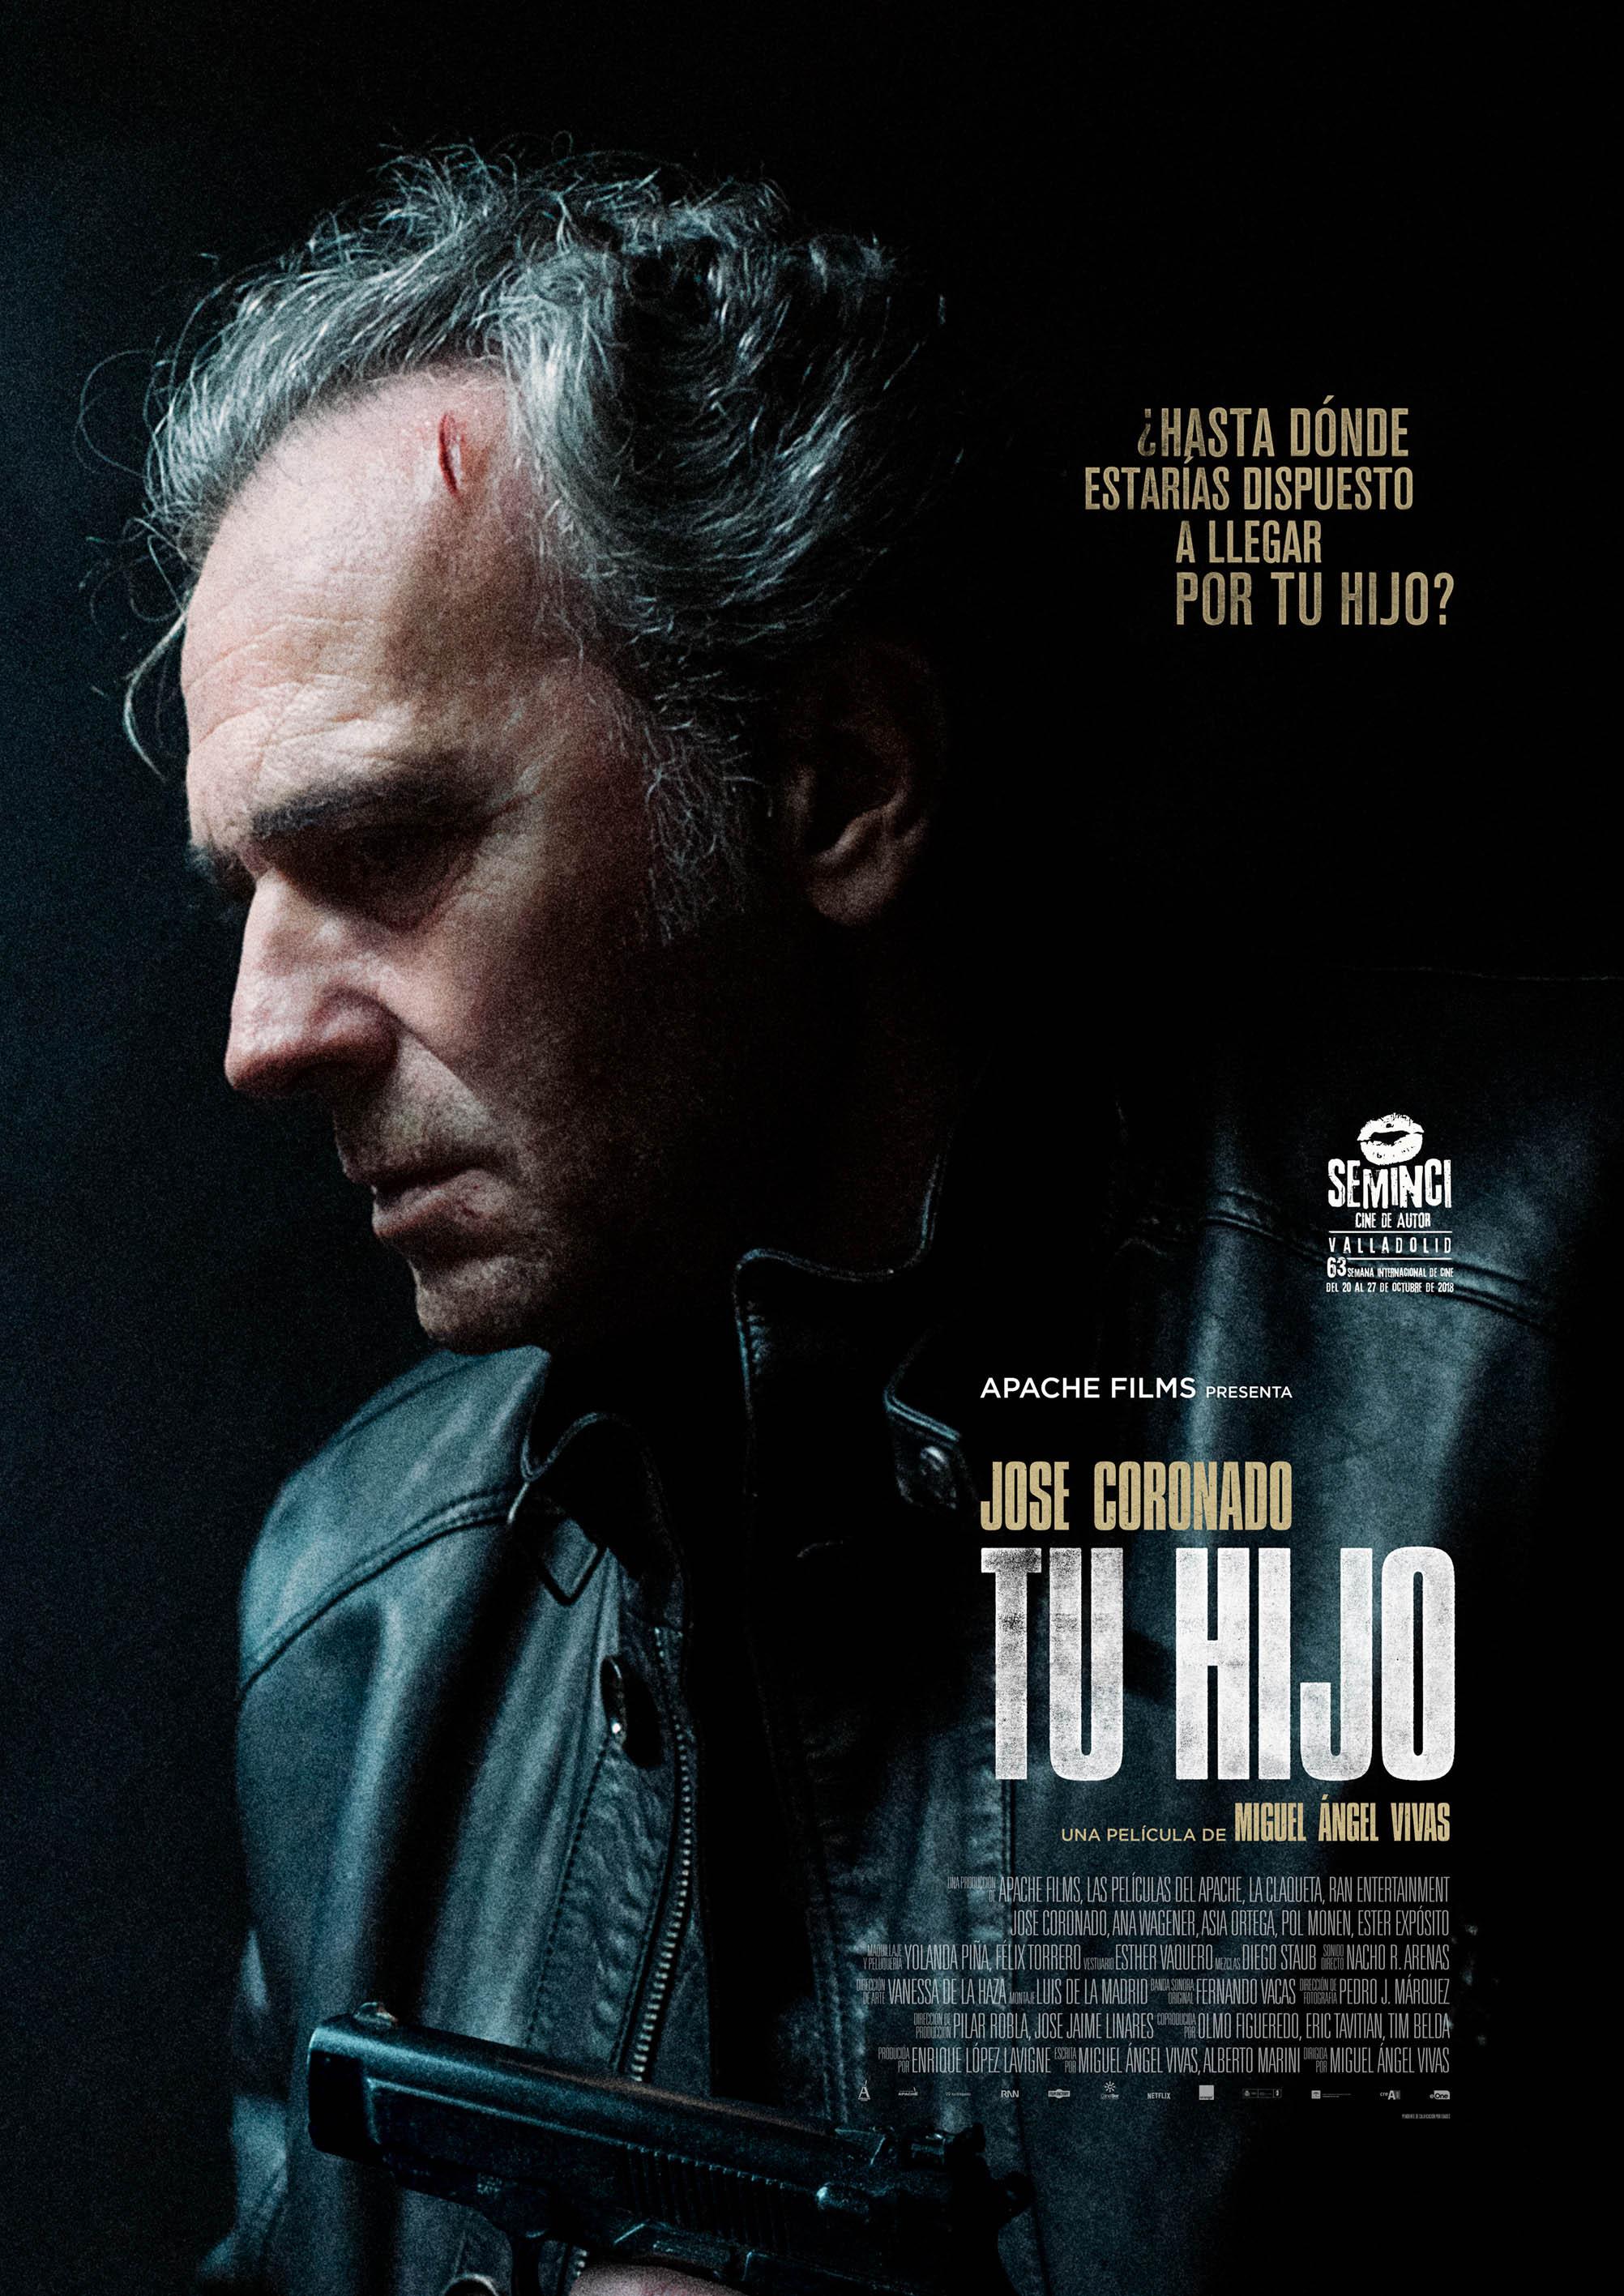 Tu hijo, película de Miguel Ángel Vivas. Un explosivo y personal thriller con el que Jose Coronado regresa a la gran pantalla por la puerta grande.